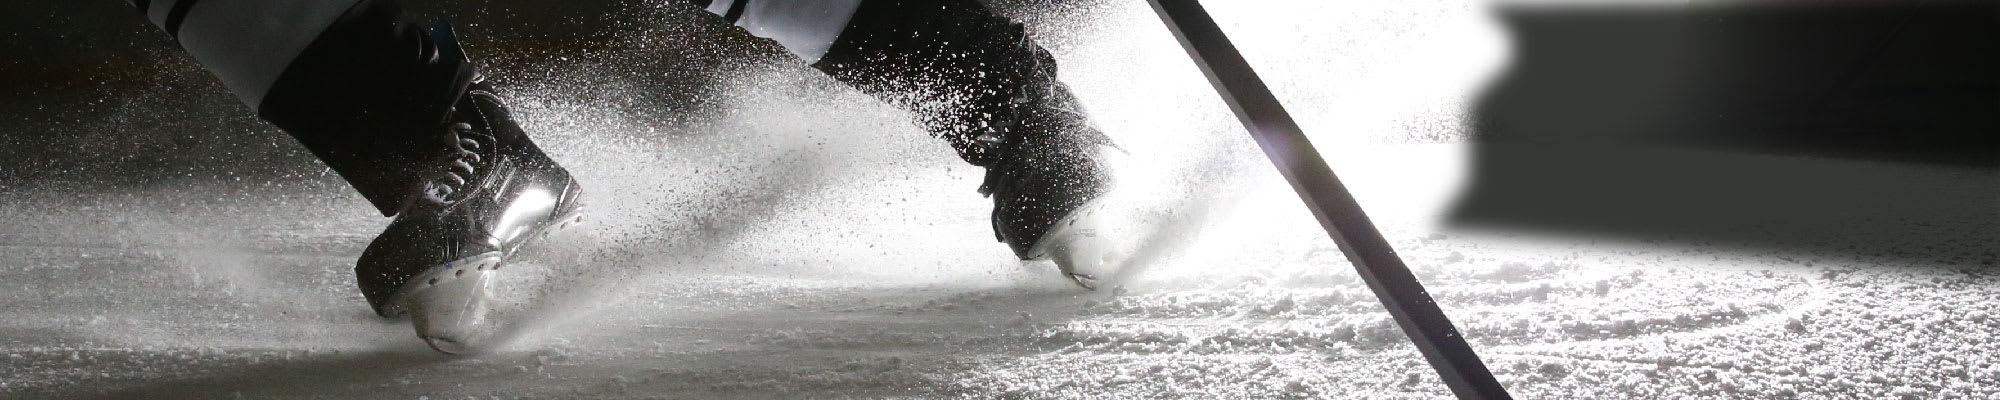 Hockey Skate Spraying Ice